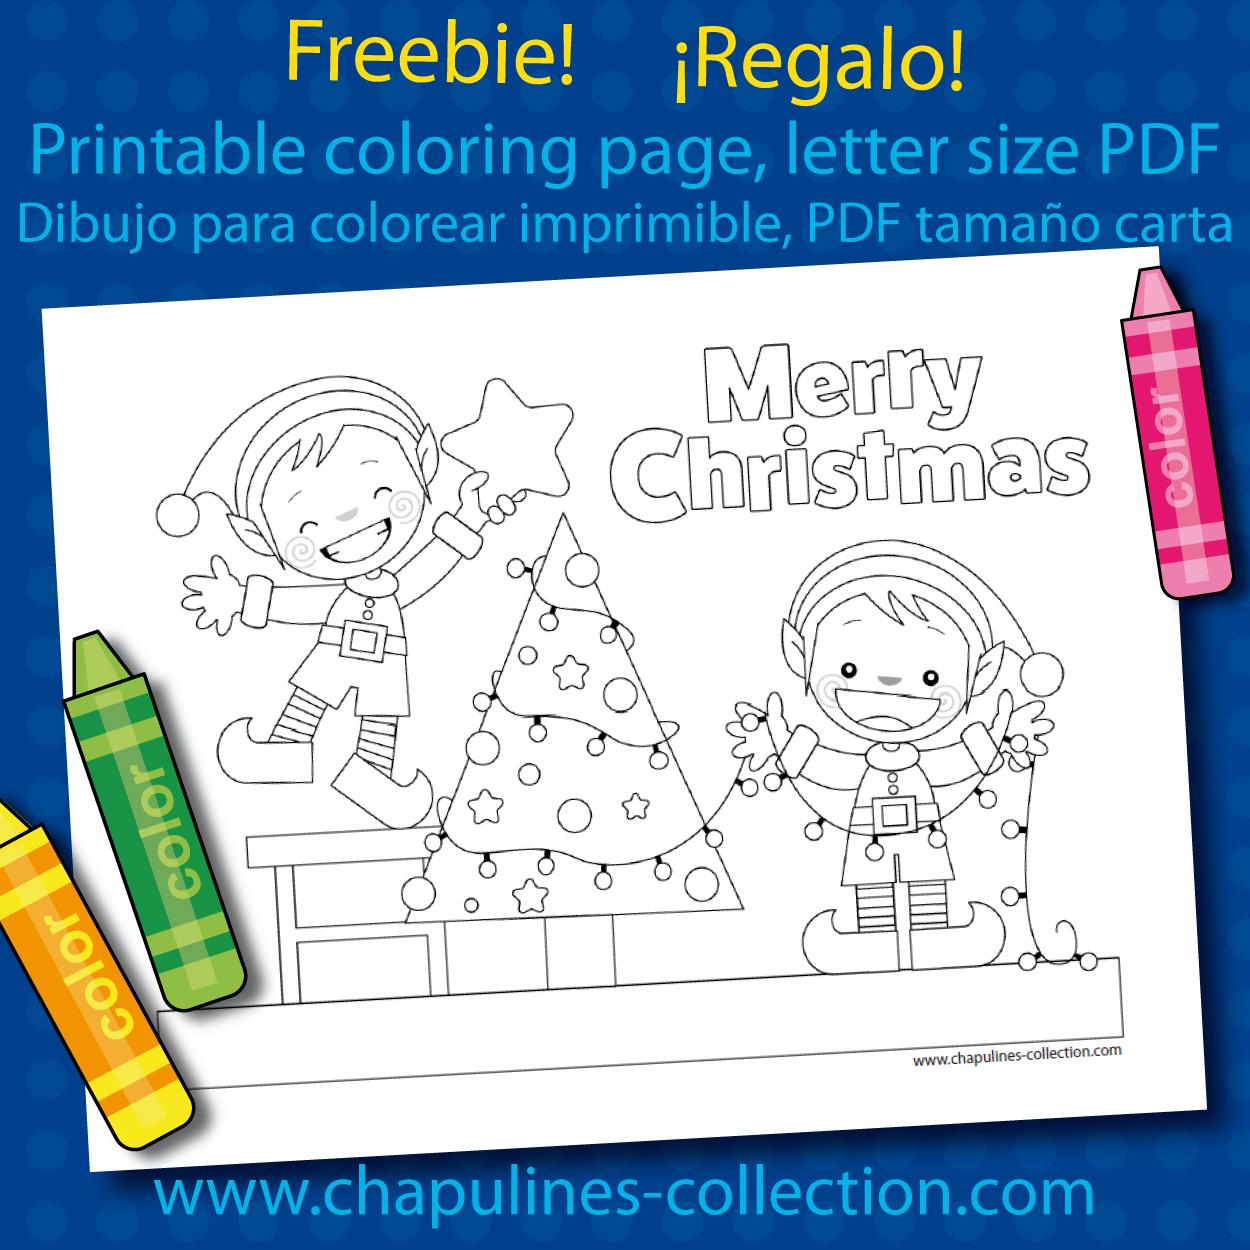 Chapulines Collection en Español: Dibujo para colorear de Navidad